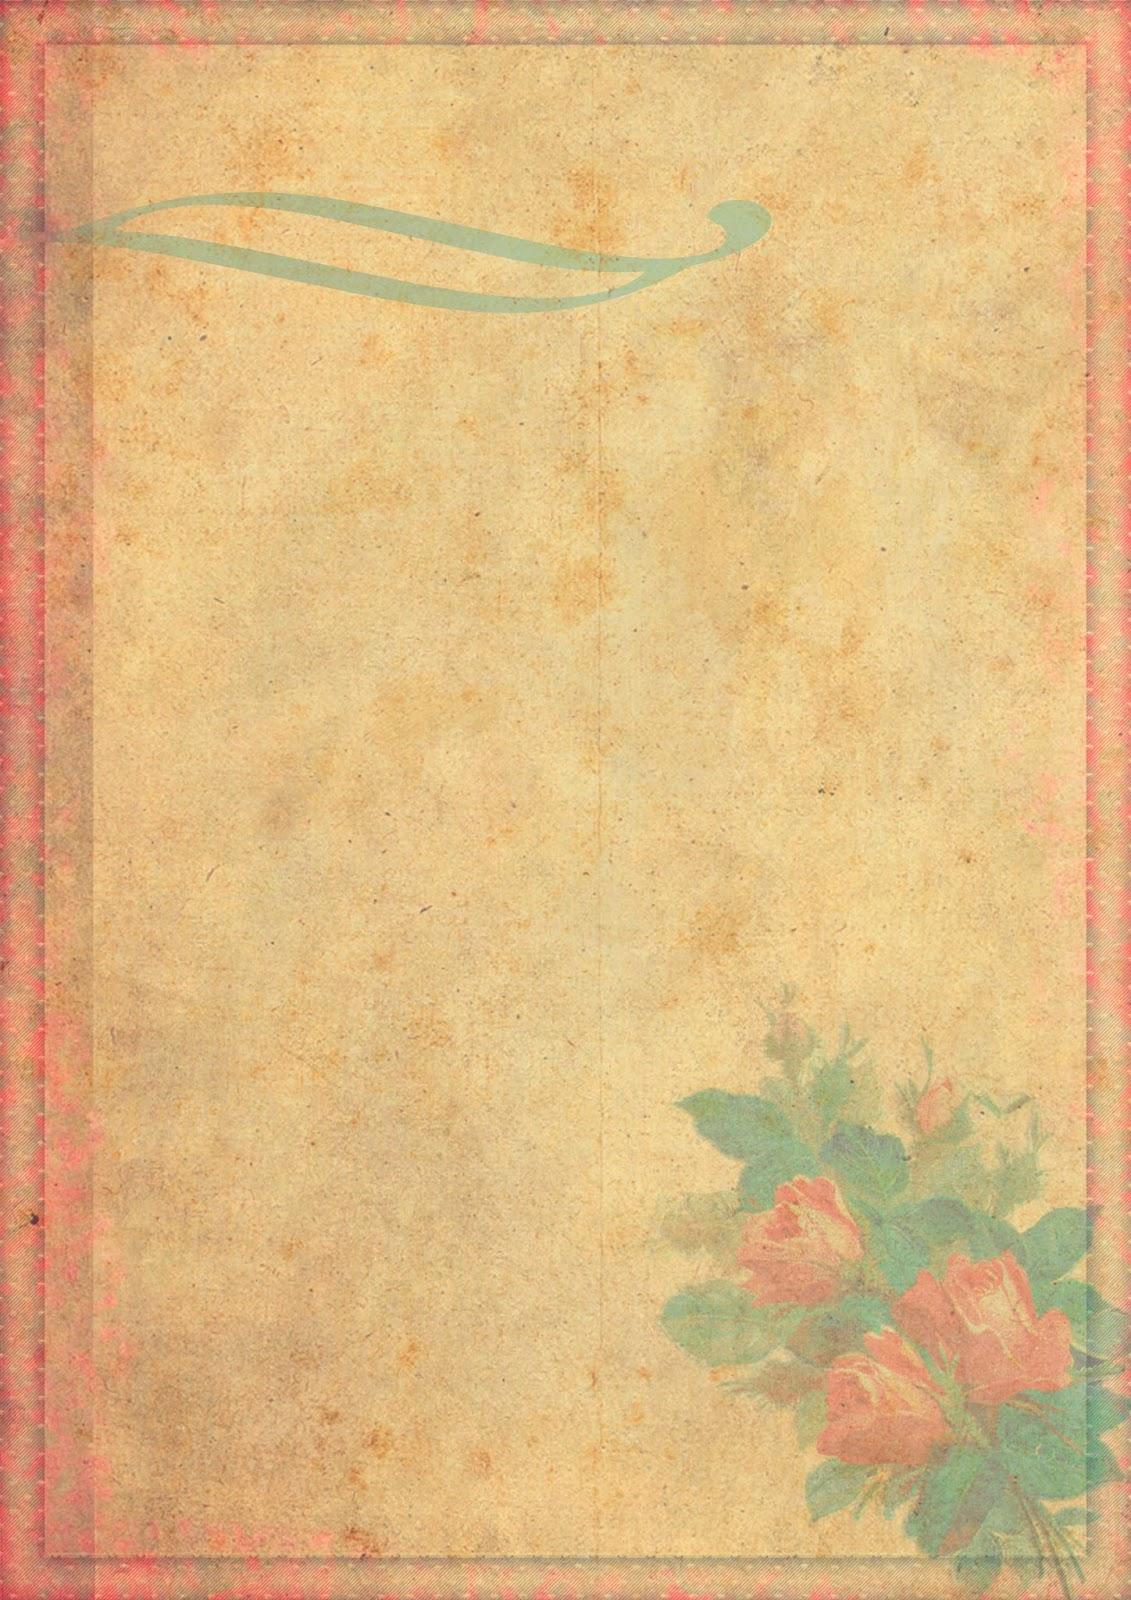 Imprimibles y png gratis para scrapbooking y otras - Papel vintage pared ...